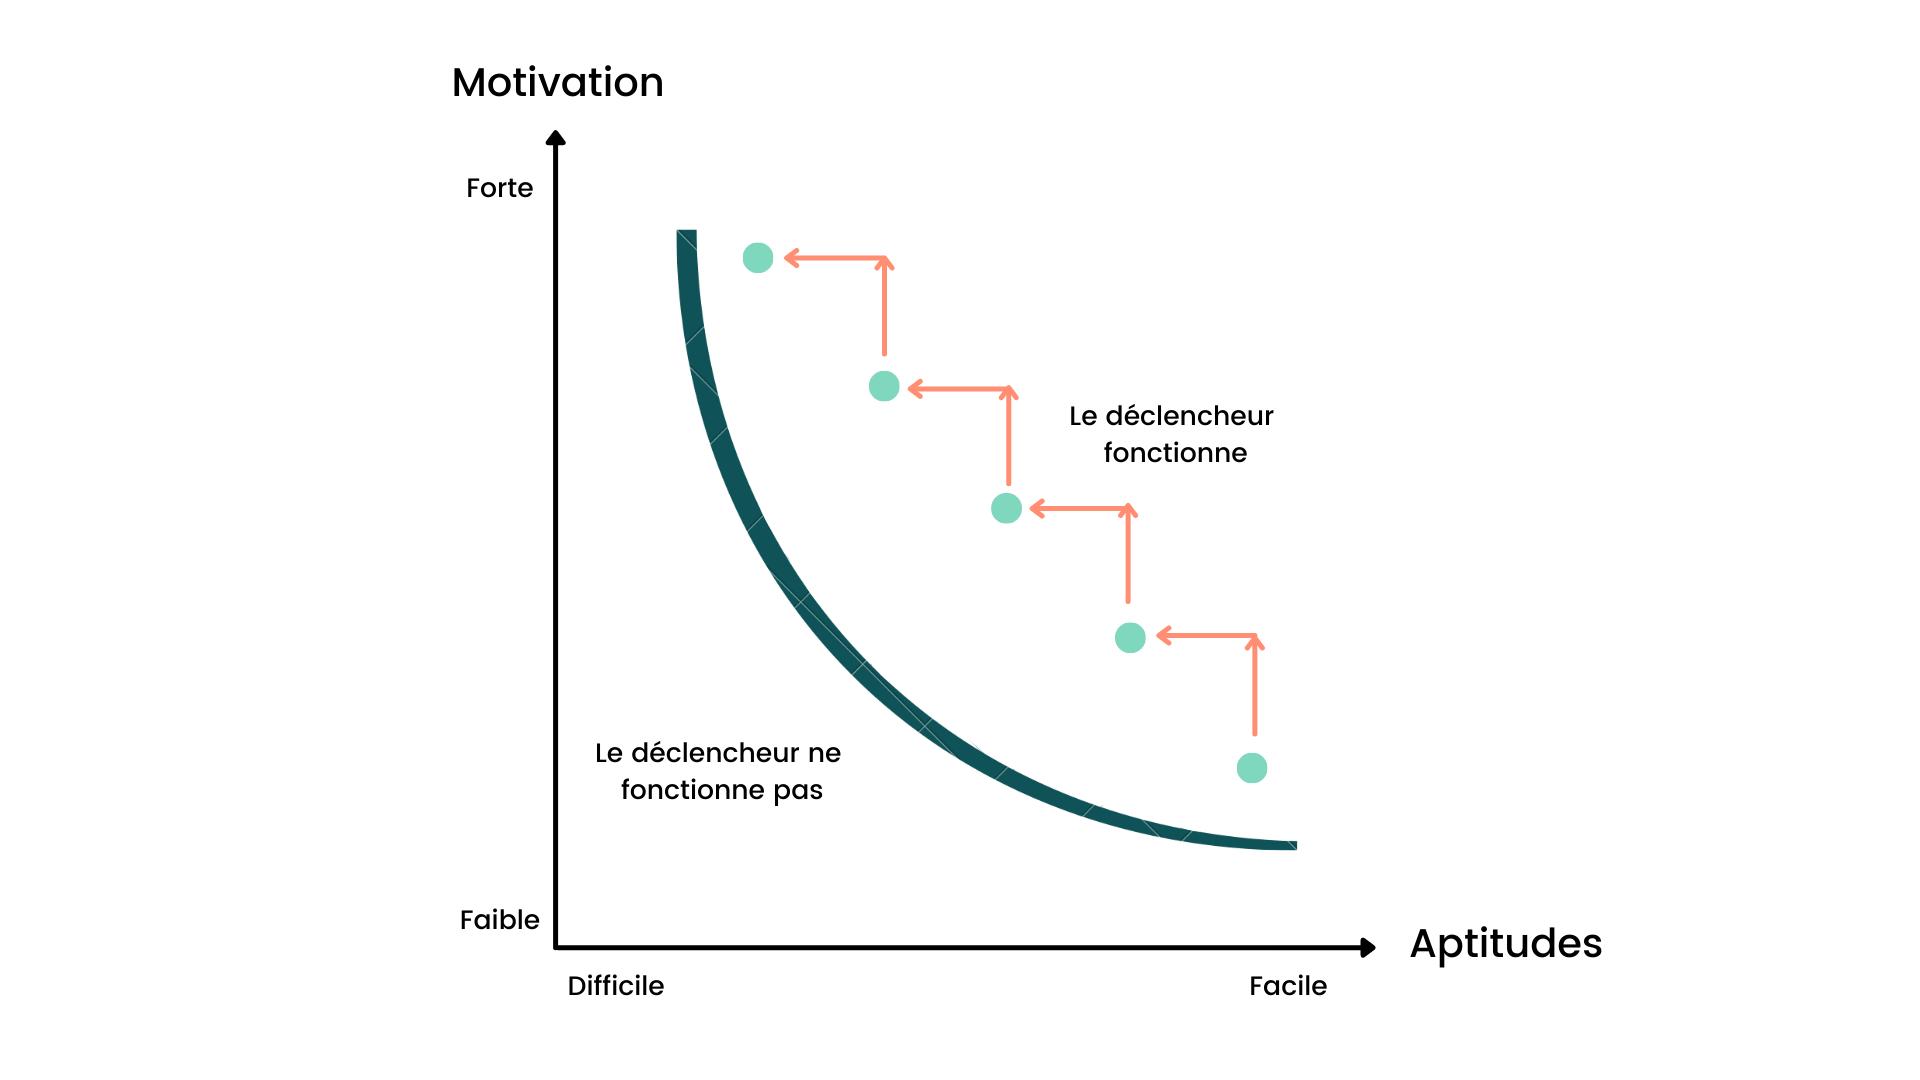 Modèle comportemental de Fogg